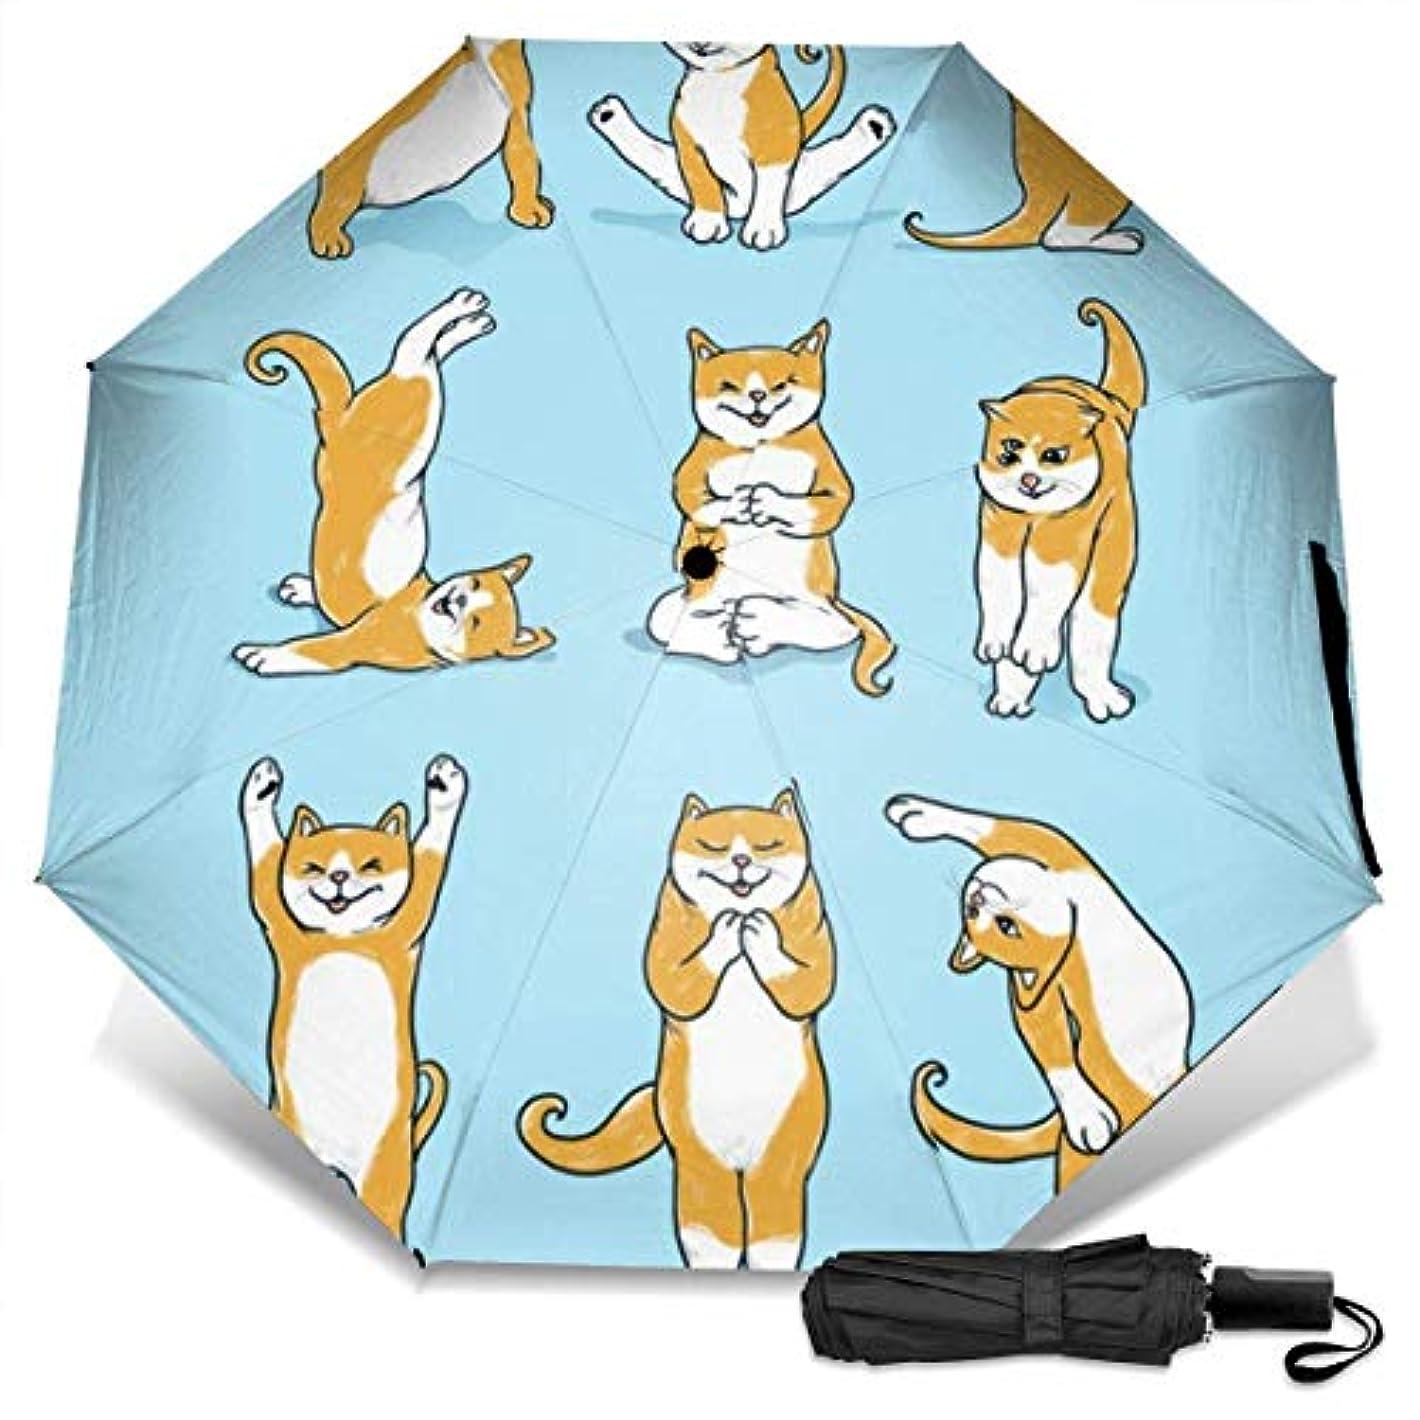 引退したモルヒネ害面白いヨガ猫折りたたみ傘 軽量 手動三つ折り傘 日傘 耐風撥水 晴雨兼用 遮光遮熱 紫外線対策 携帯用かさ 出張旅行通勤 女性と男性用 (黒ゴム)